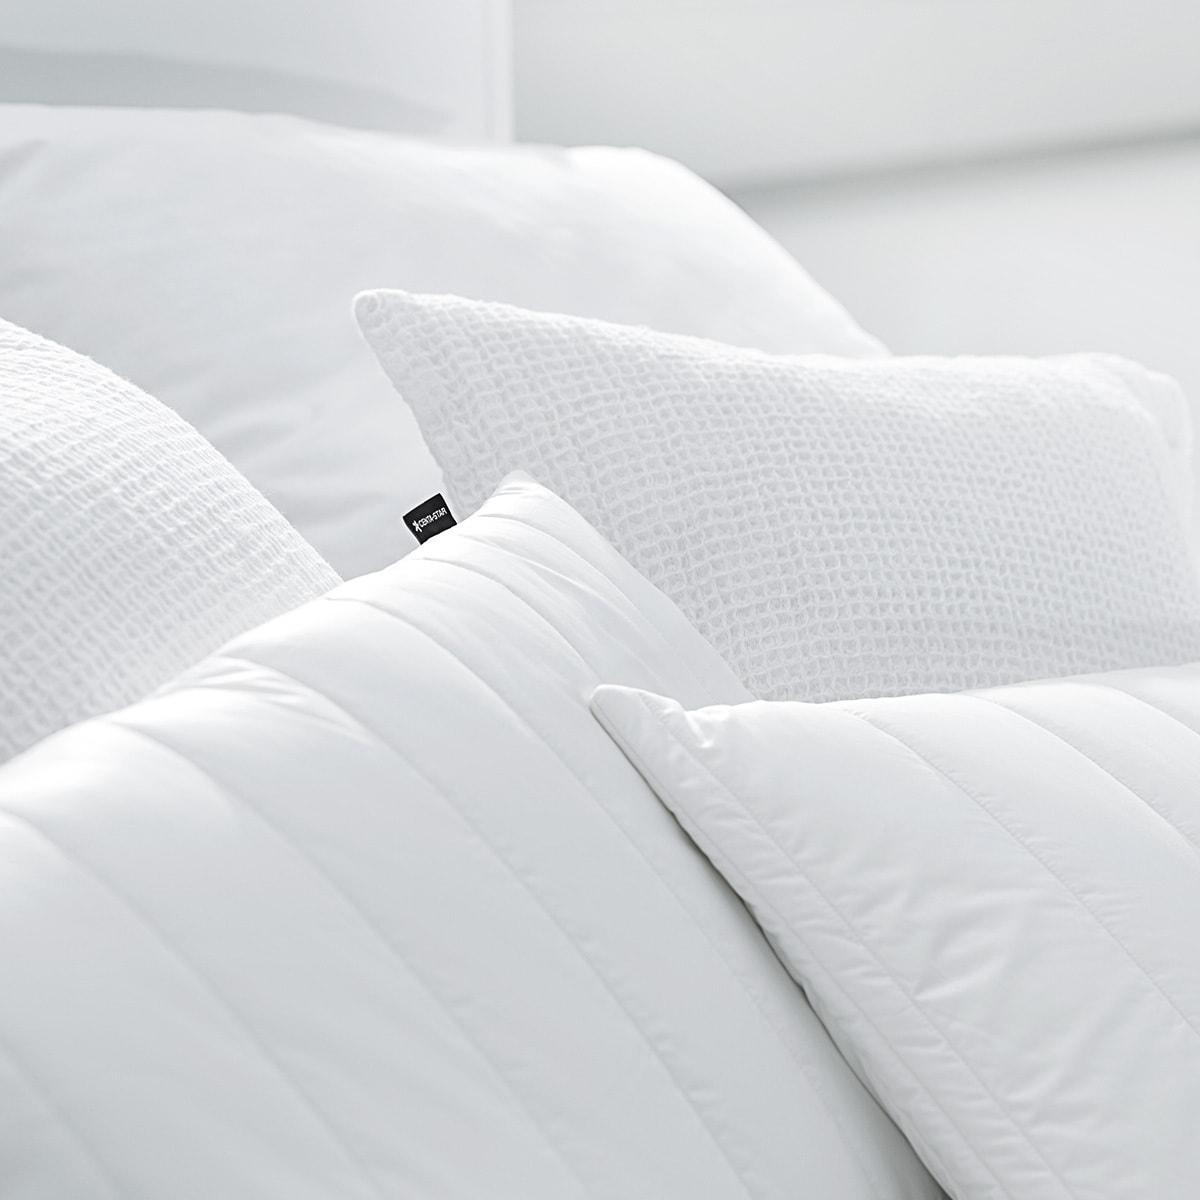 centa star kopfkissen allergo protect g nstig online kaufen bei bettwaren shop. Black Bedroom Furniture Sets. Home Design Ideas